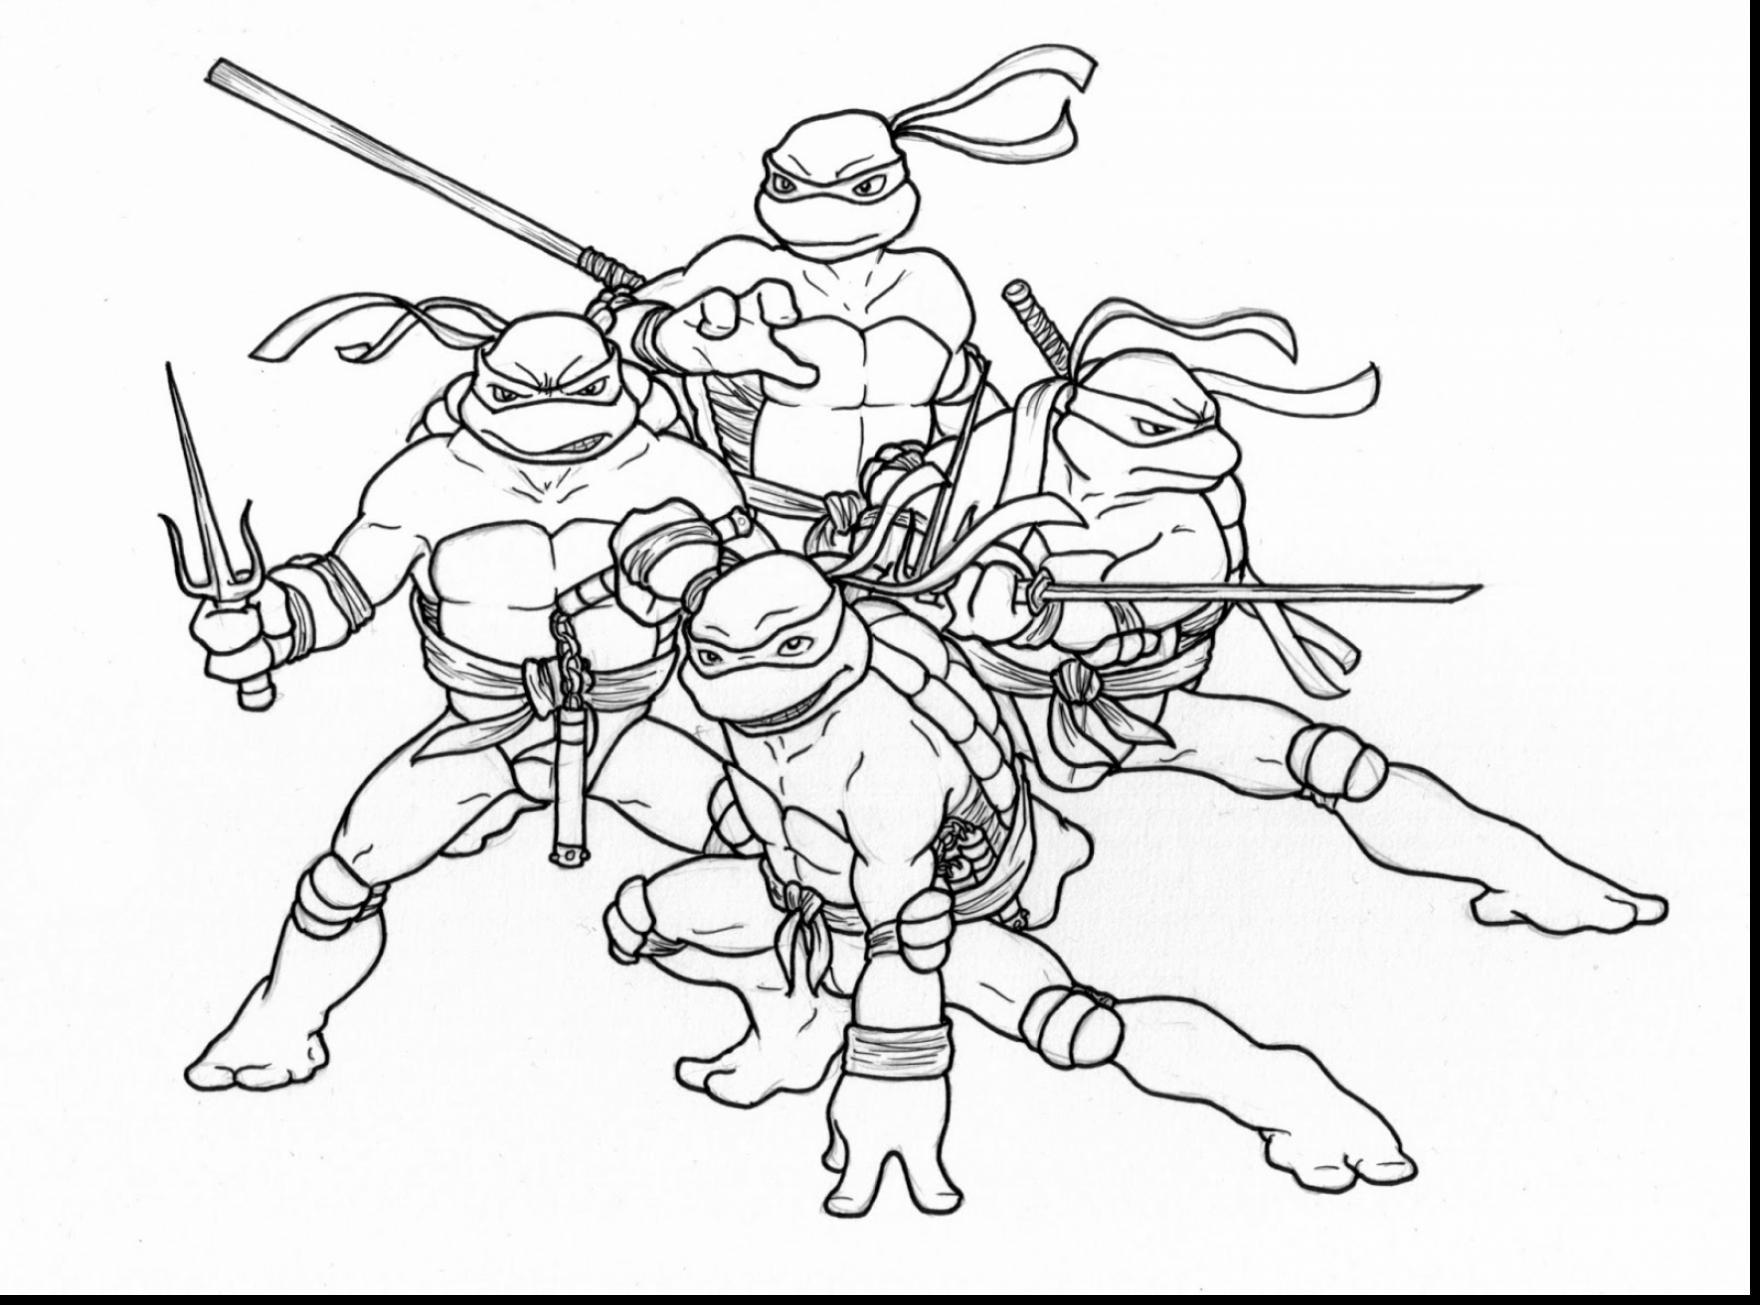 Nett Ninja Turtles Malvorlagen Splitter Fotos - Malvorlagen-Ideen ...